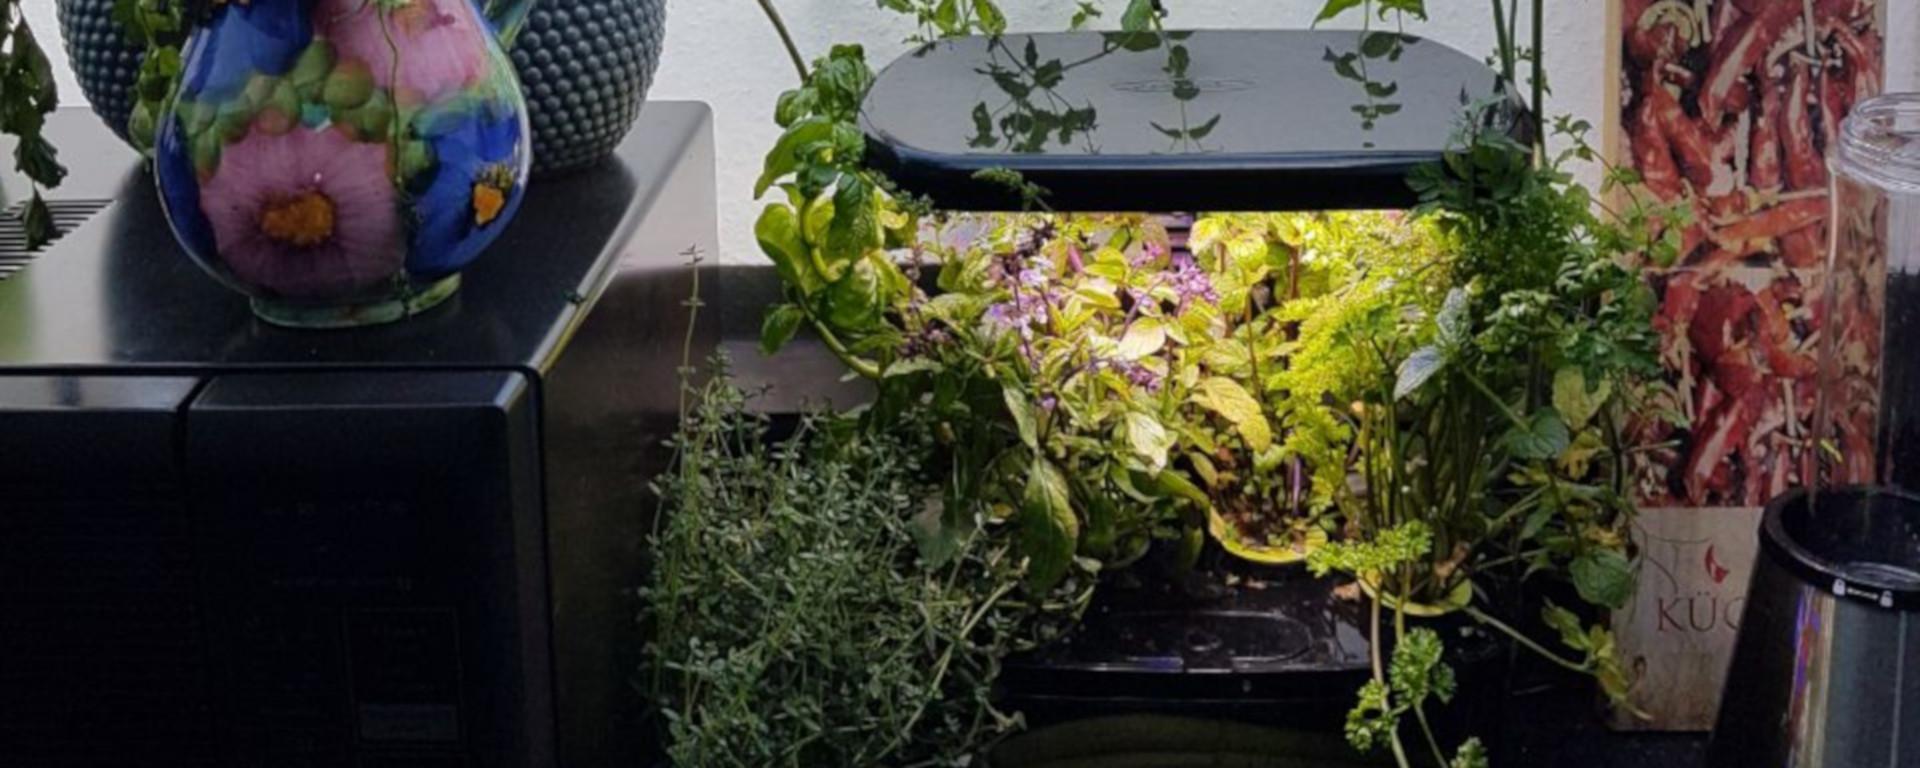 Indoor herb garden - Indoor krautergarten ...